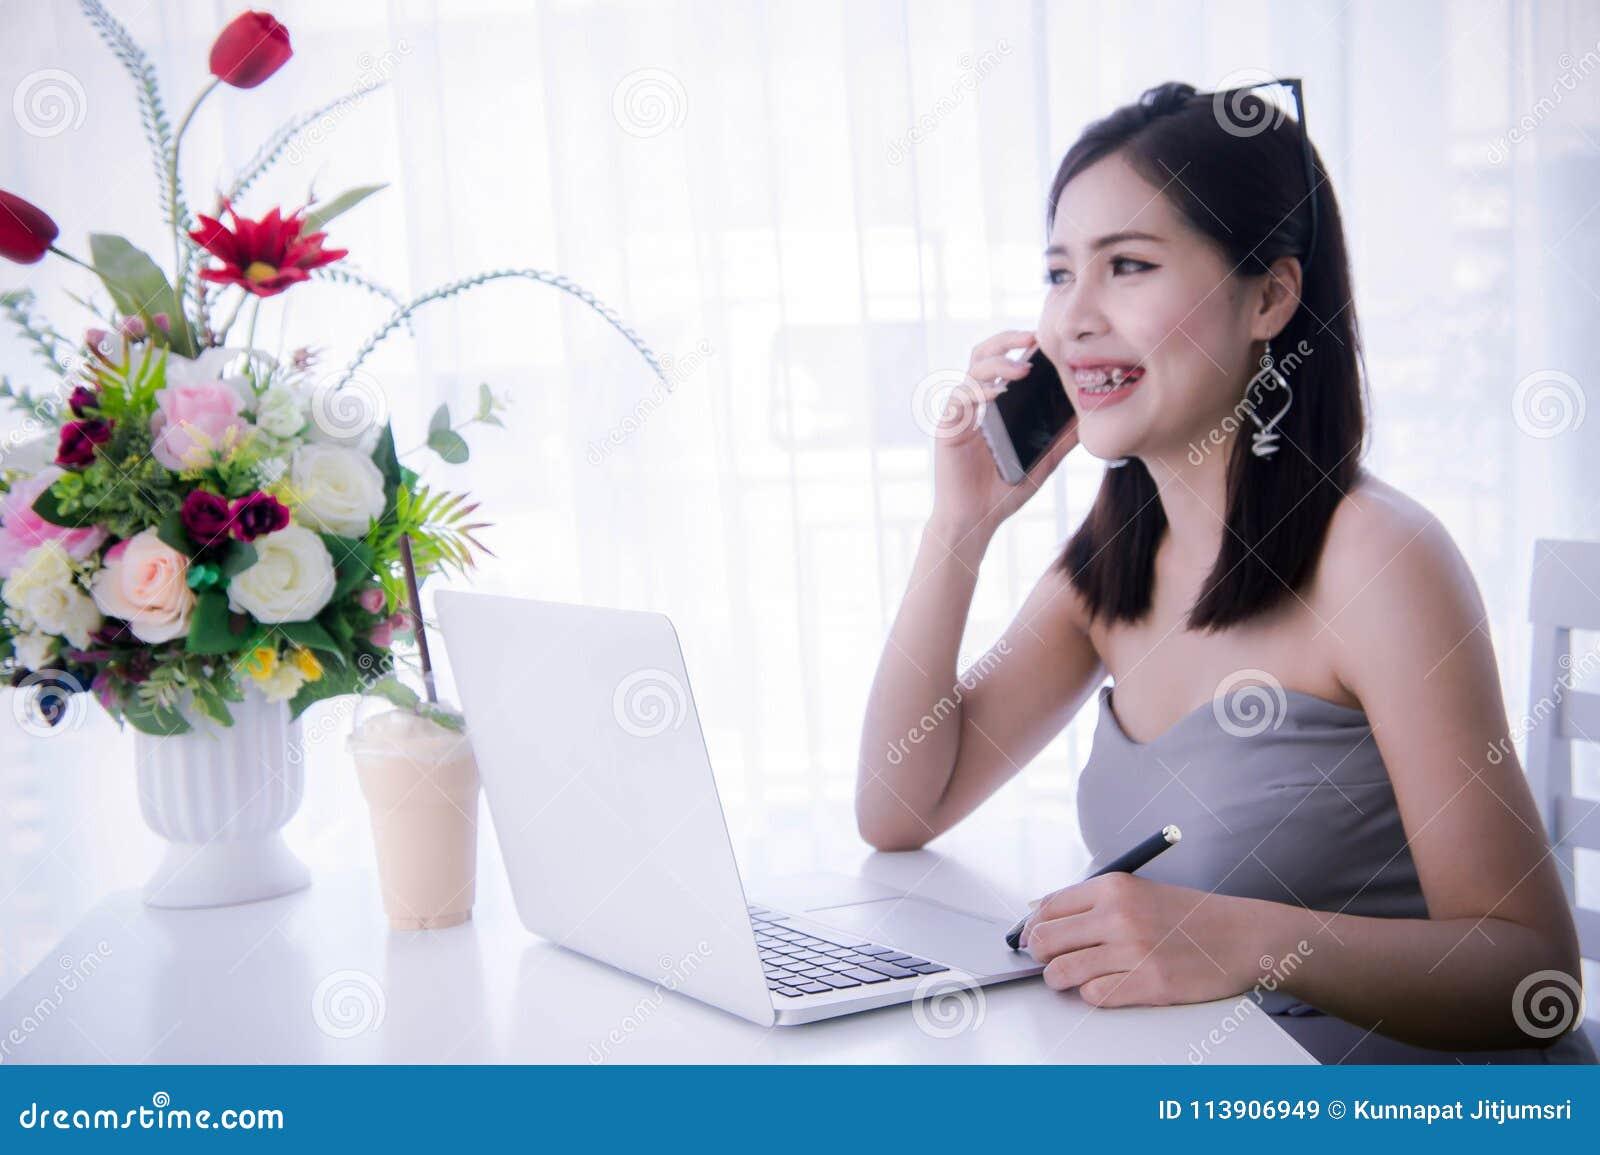 девушки на работе телефон